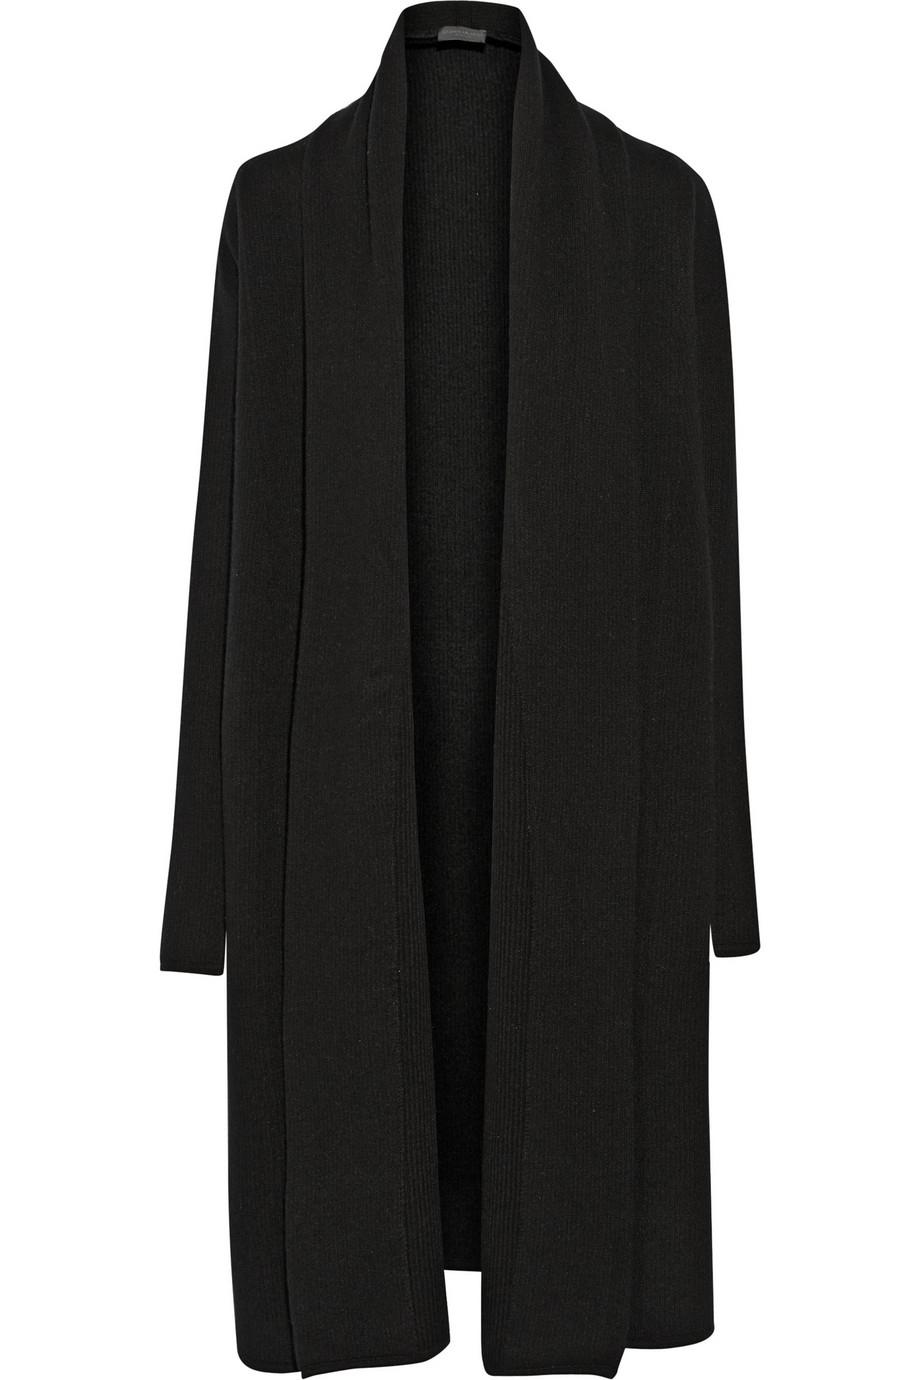 donna karan new york cashmere blanket coat in black lyst. Black Bedroom Furniture Sets. Home Design Ideas